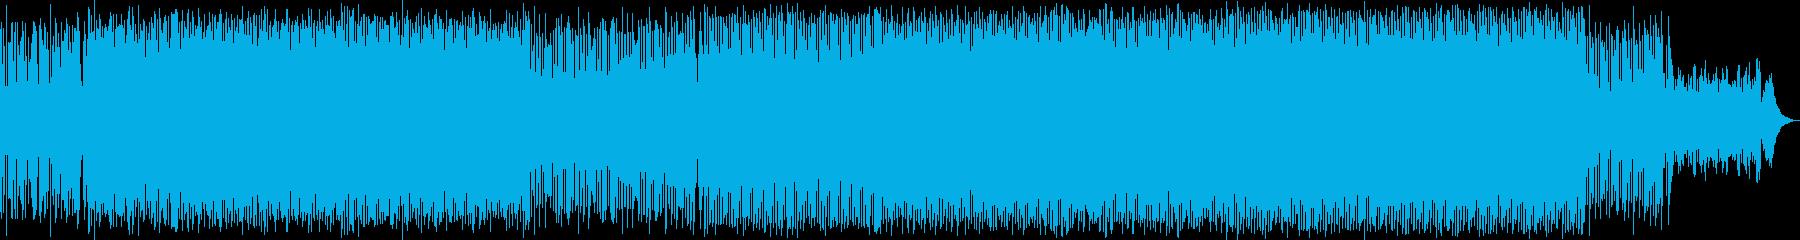 ハッピーなシンセポップハウス系サウンドの再生済みの波形